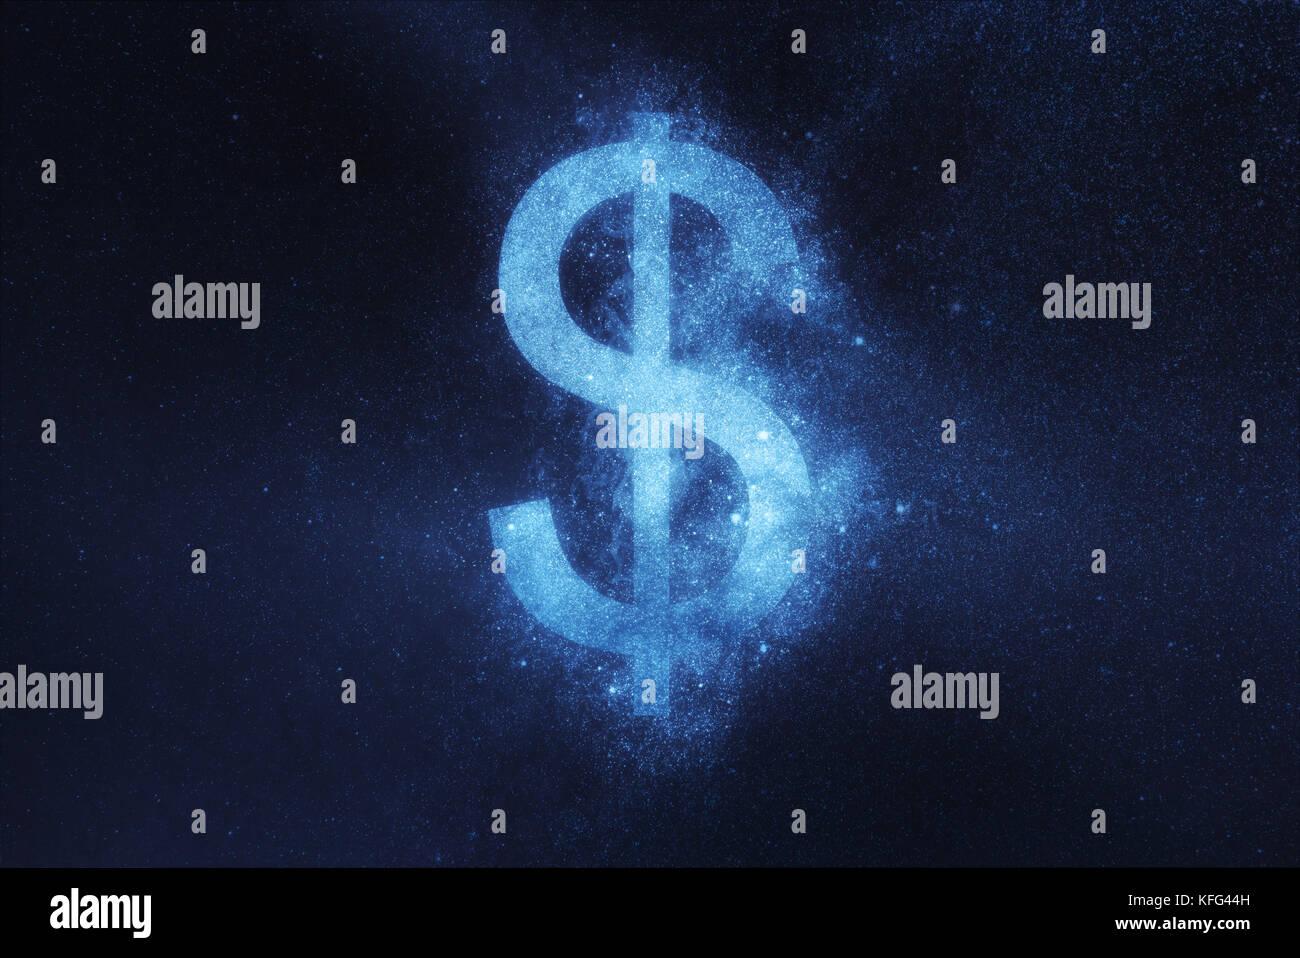 Signo de dólar, símbolo de dólar. abstracto fondo de cielo nocturno Imagen De Stock